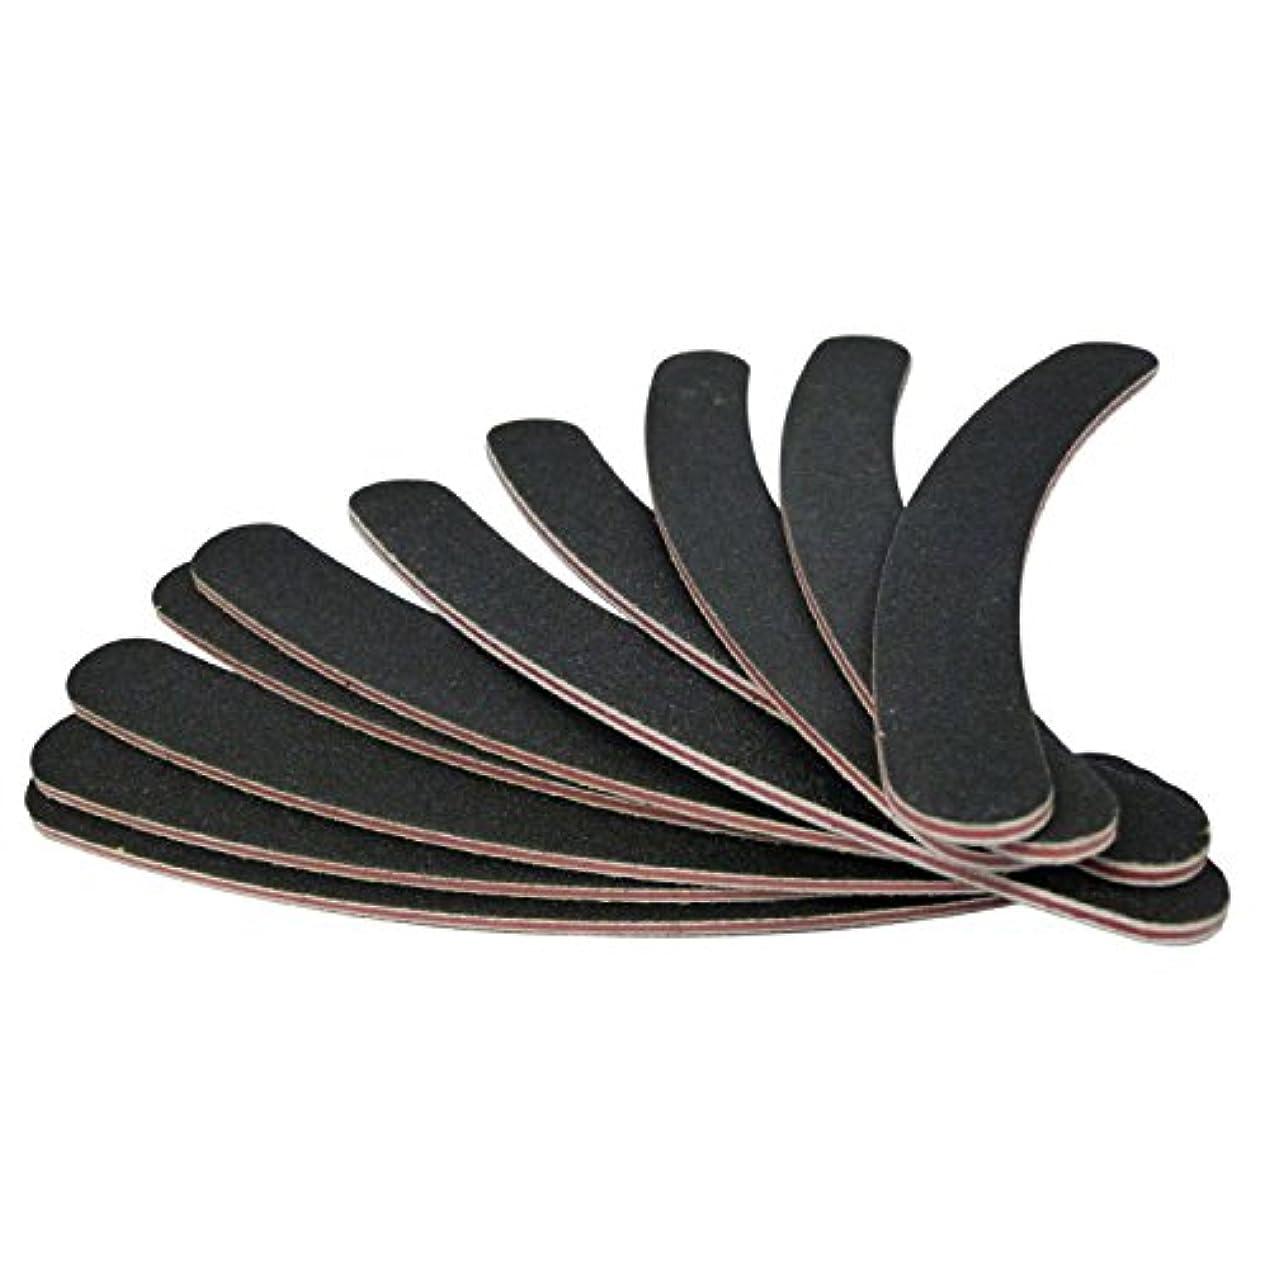 遅滞生活見つけたGespout 爪やすり 爪磨き 滑らか仕上げ ネイルシャイナー ネイルケア用品 ピカピカ ネイルケア 紙 人気 10本セット ブラック